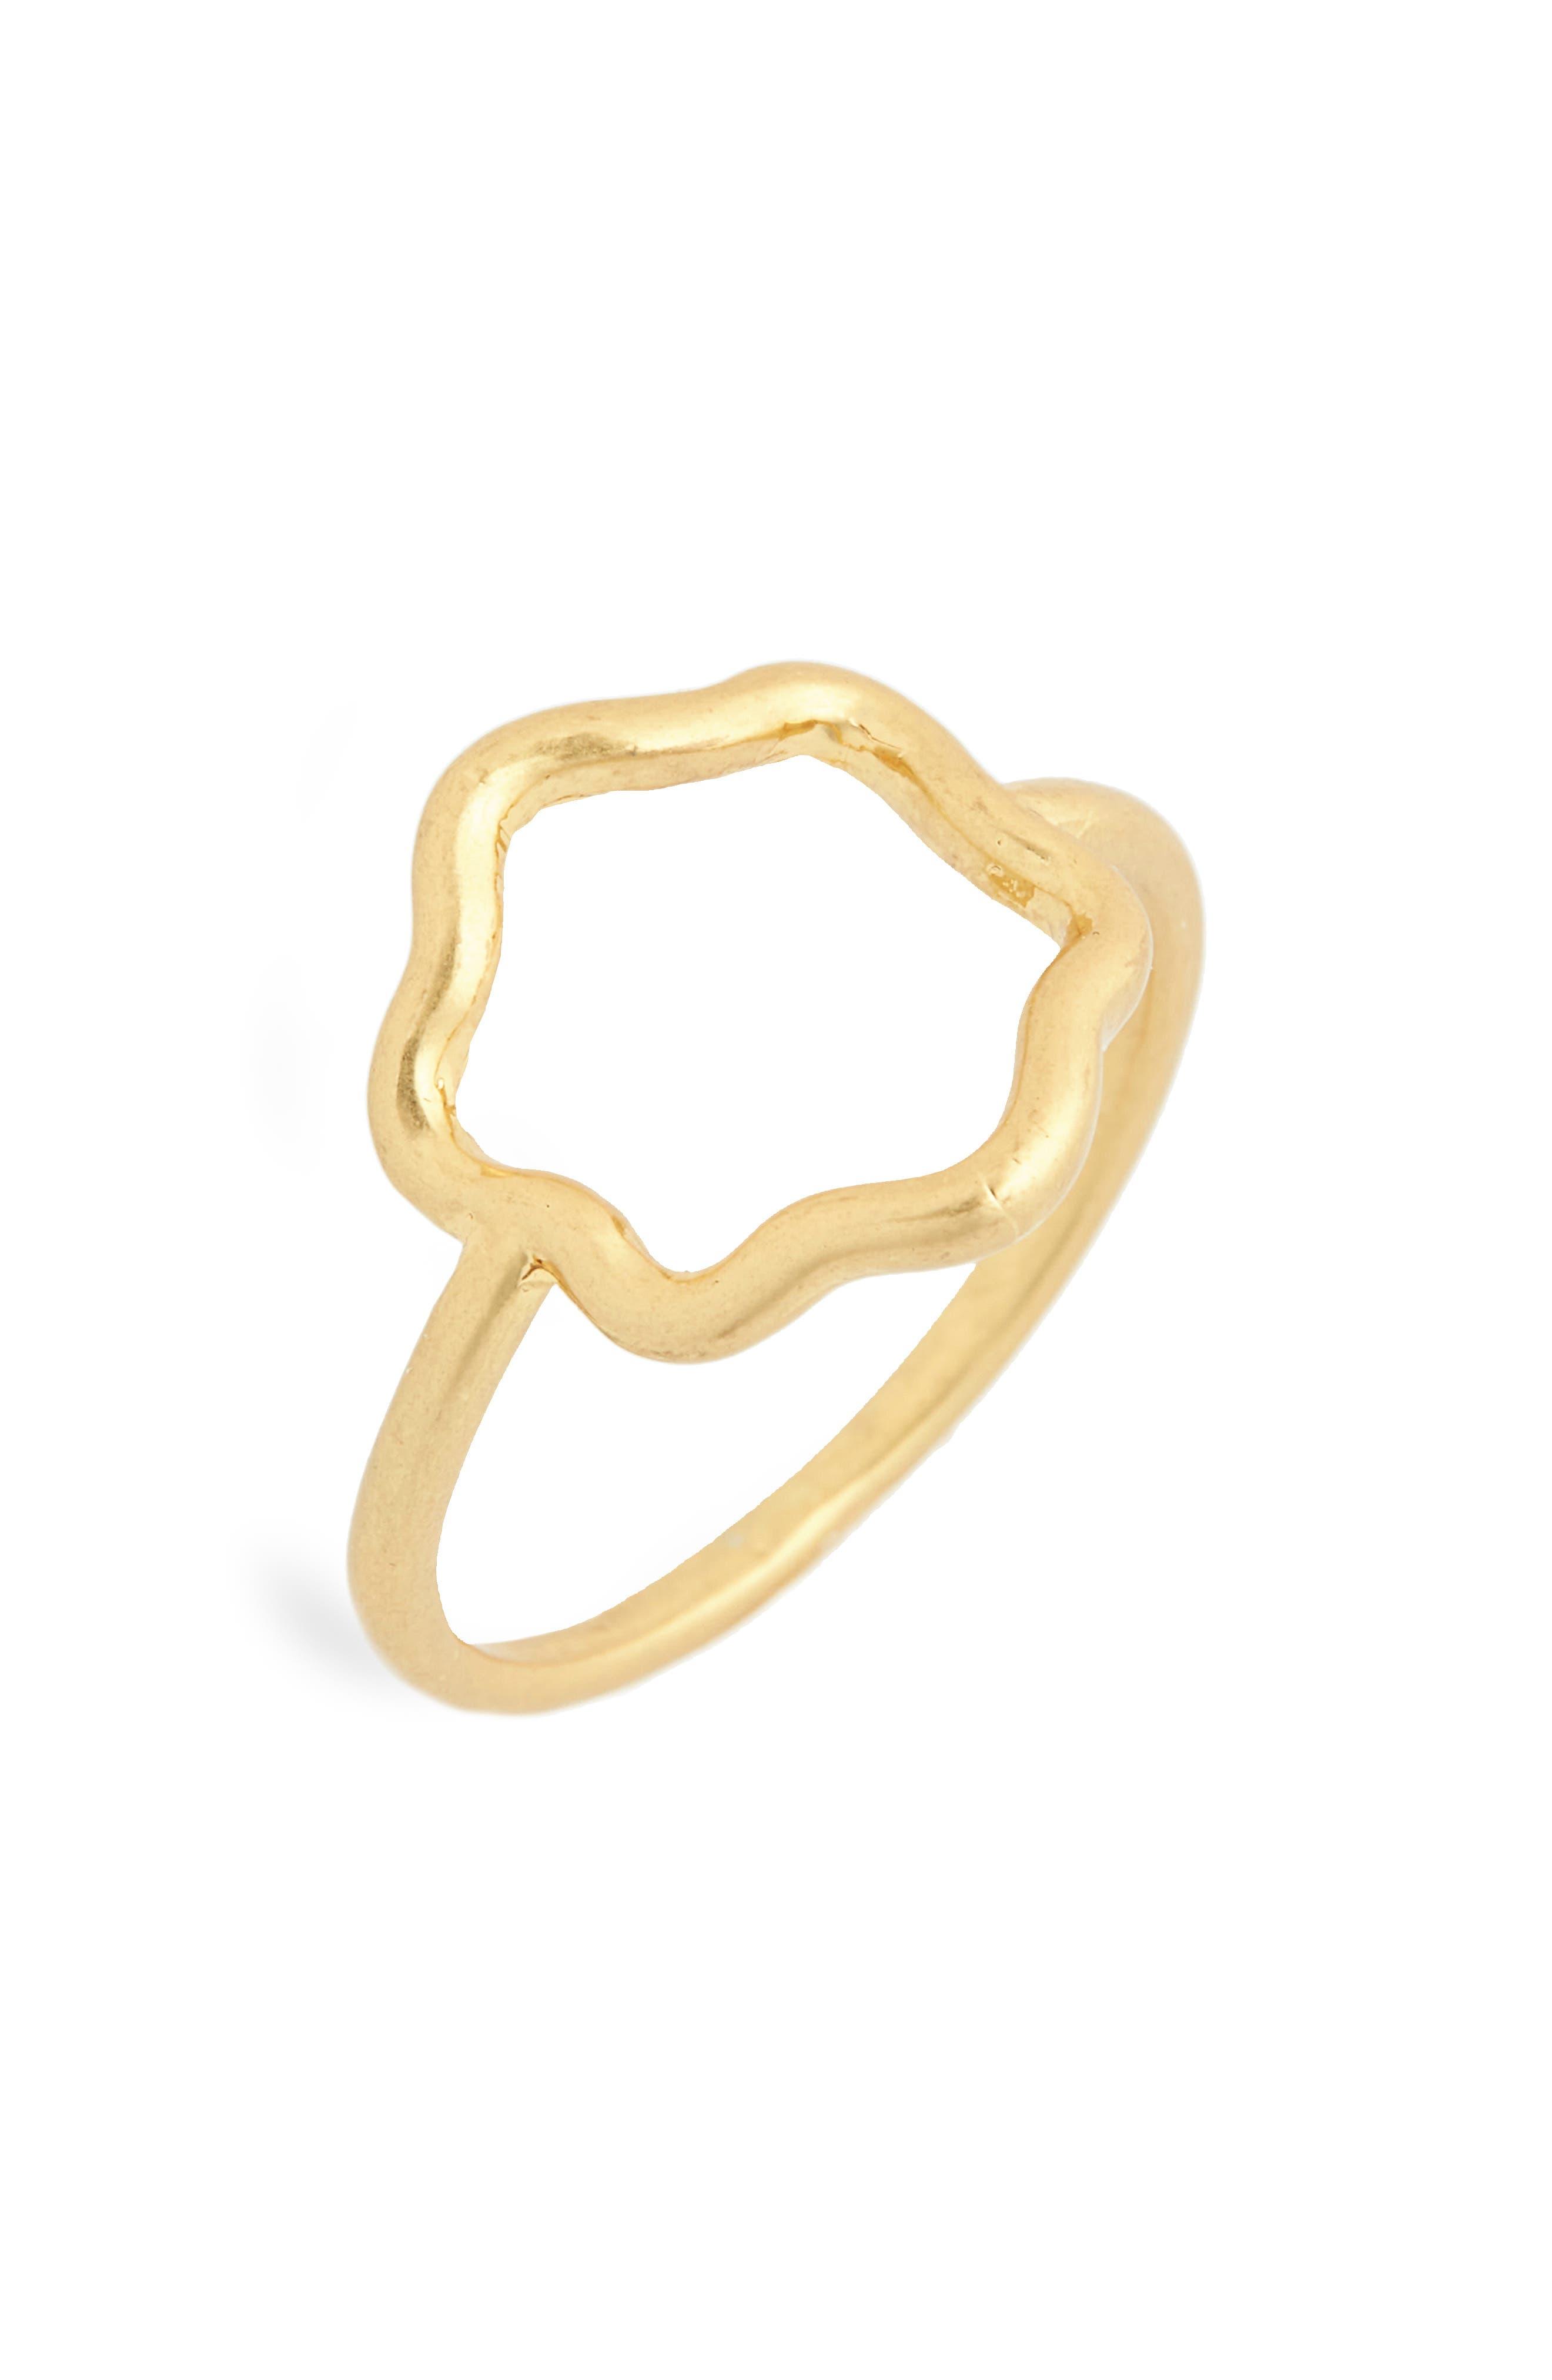 Main Image - Madewell Wobbly Circle Ring